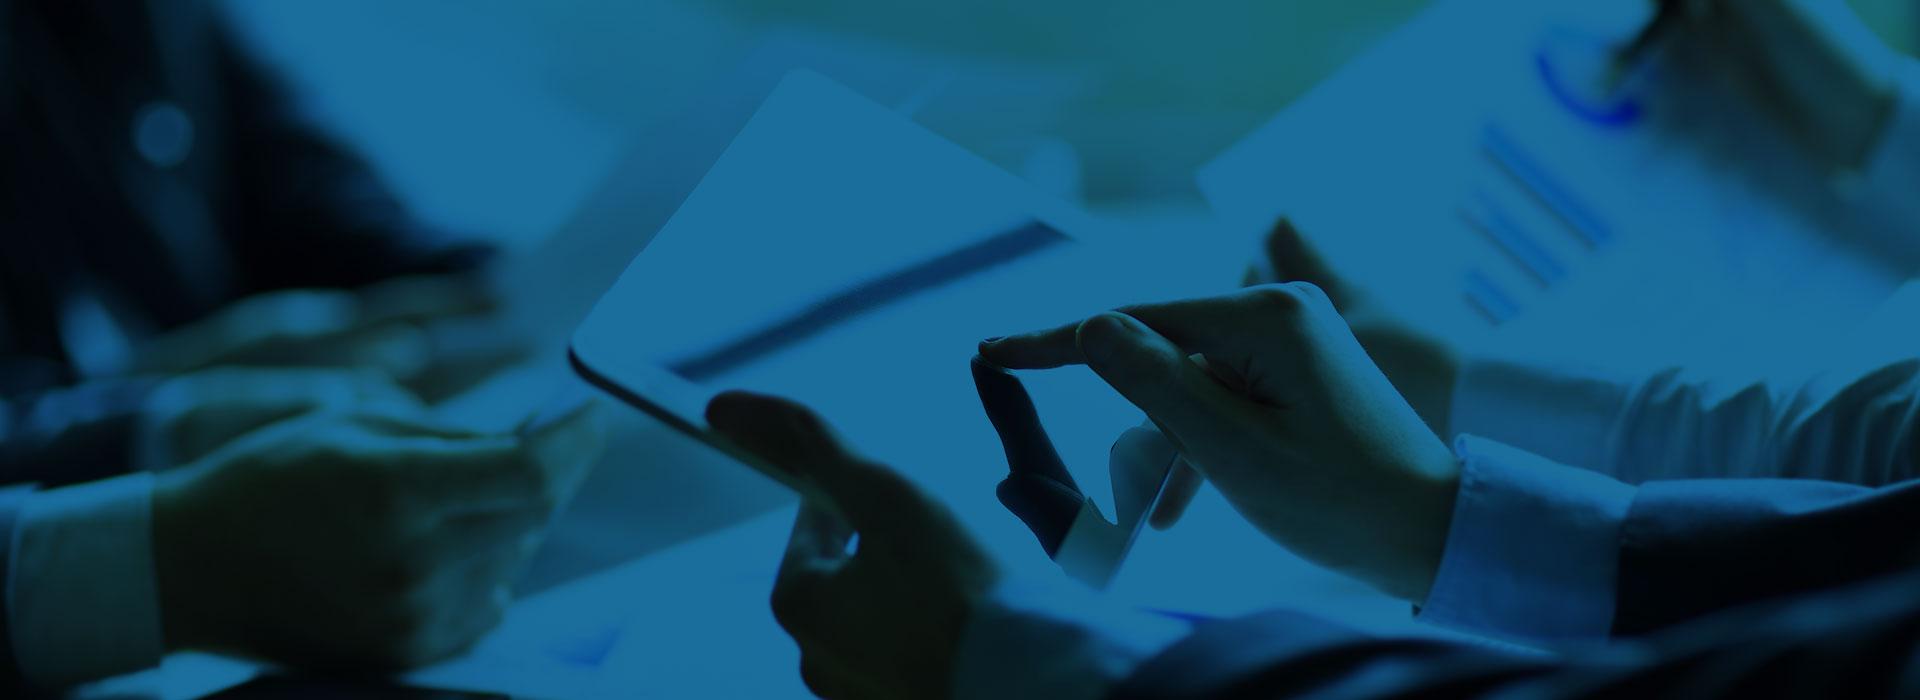 Income Tax Preparation: H&m Income Tax Preparation